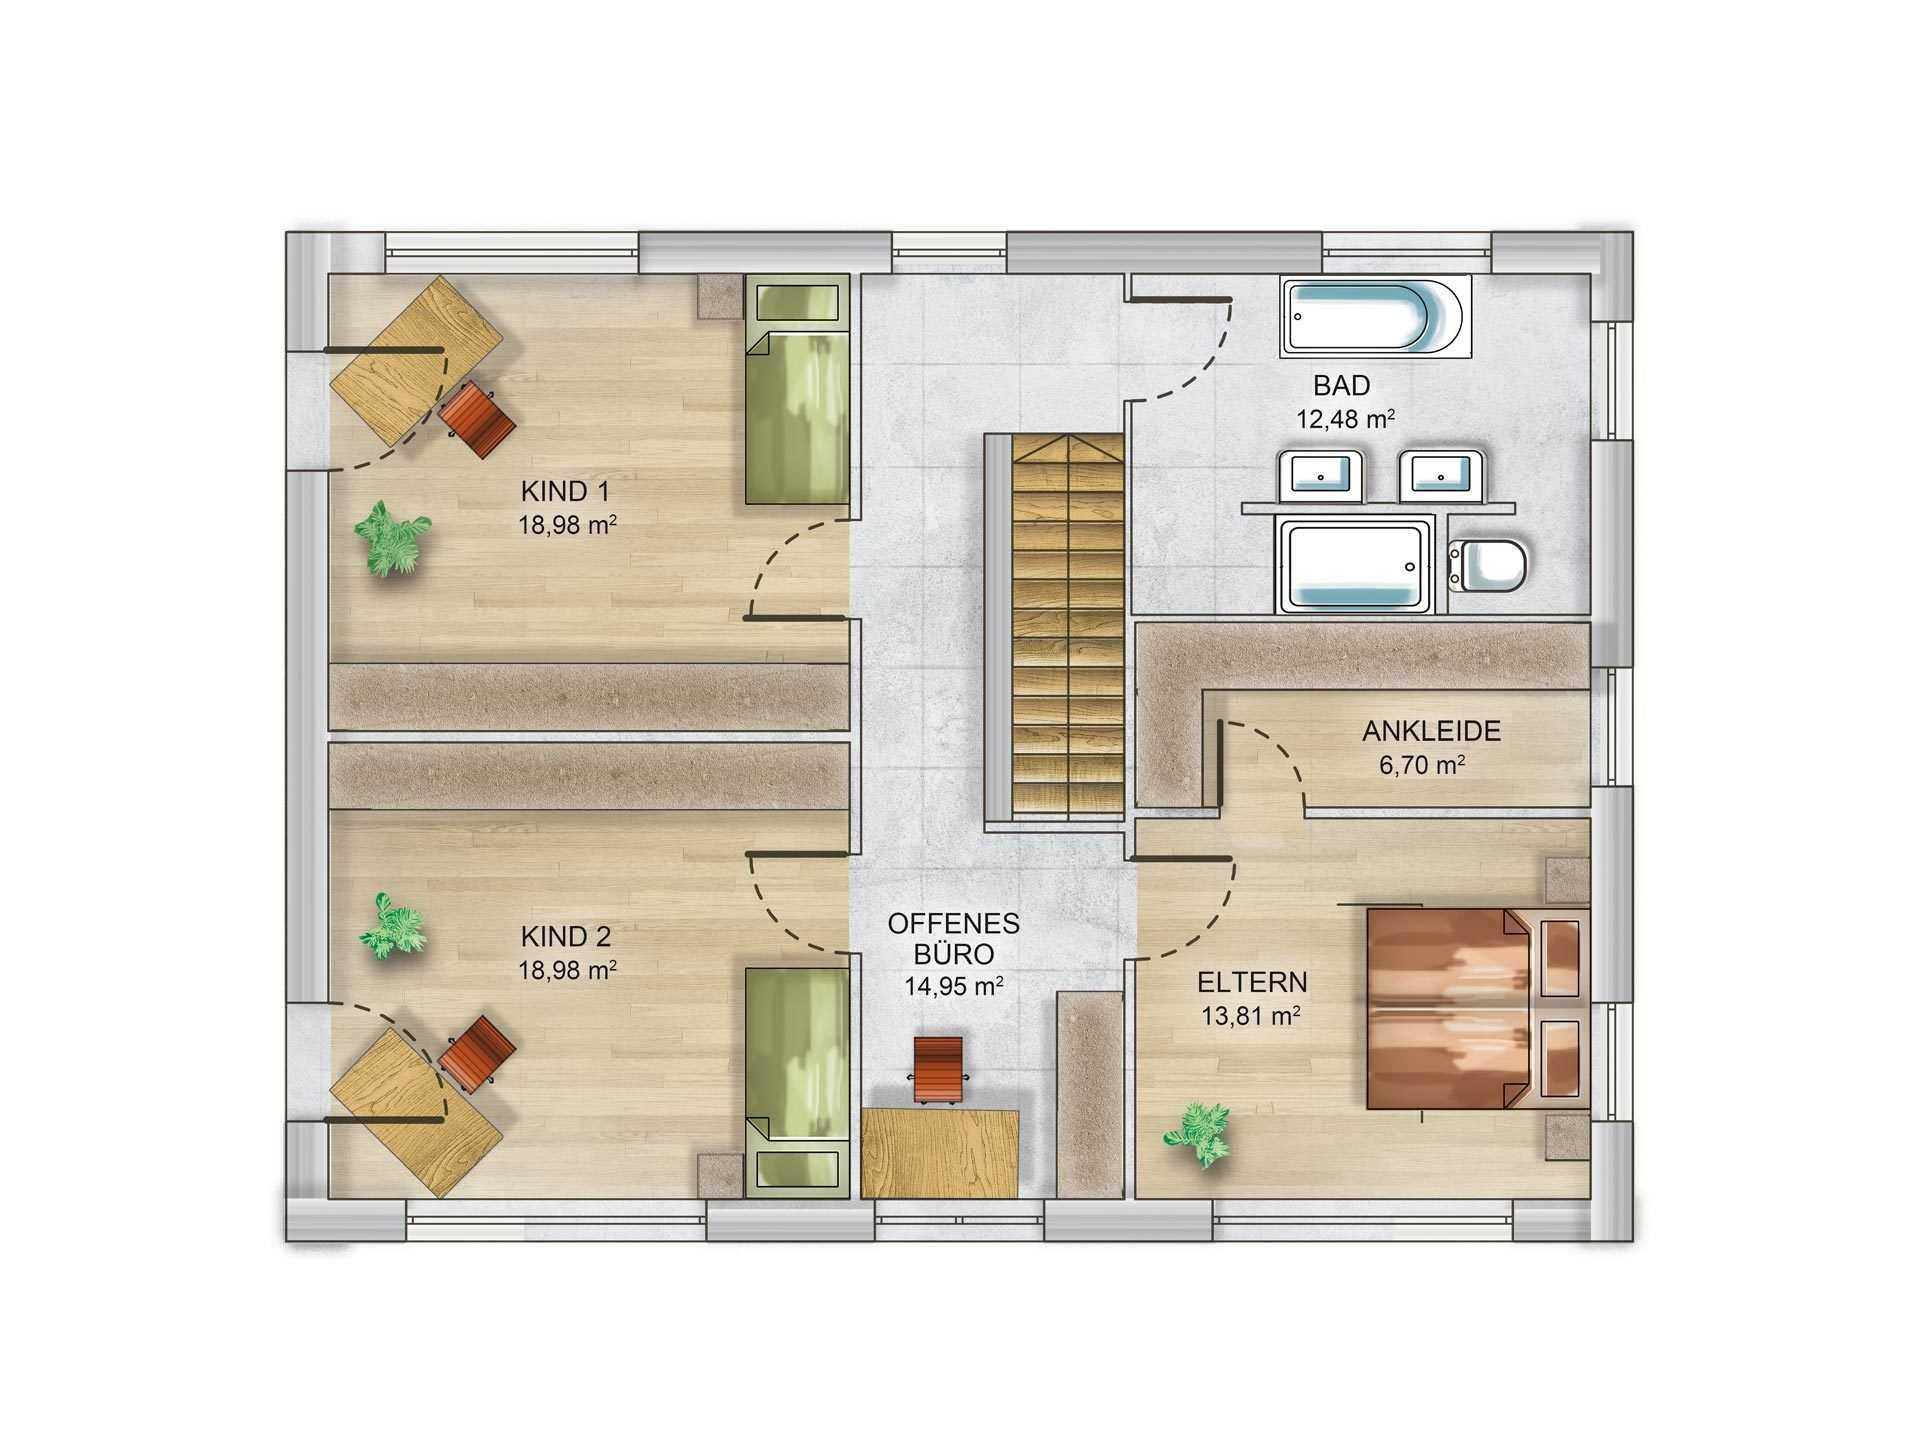 Massivhaus grundriss  Massivhaus bauen - Schlüsselfertige Häuser geprüfter Anbieter ✓